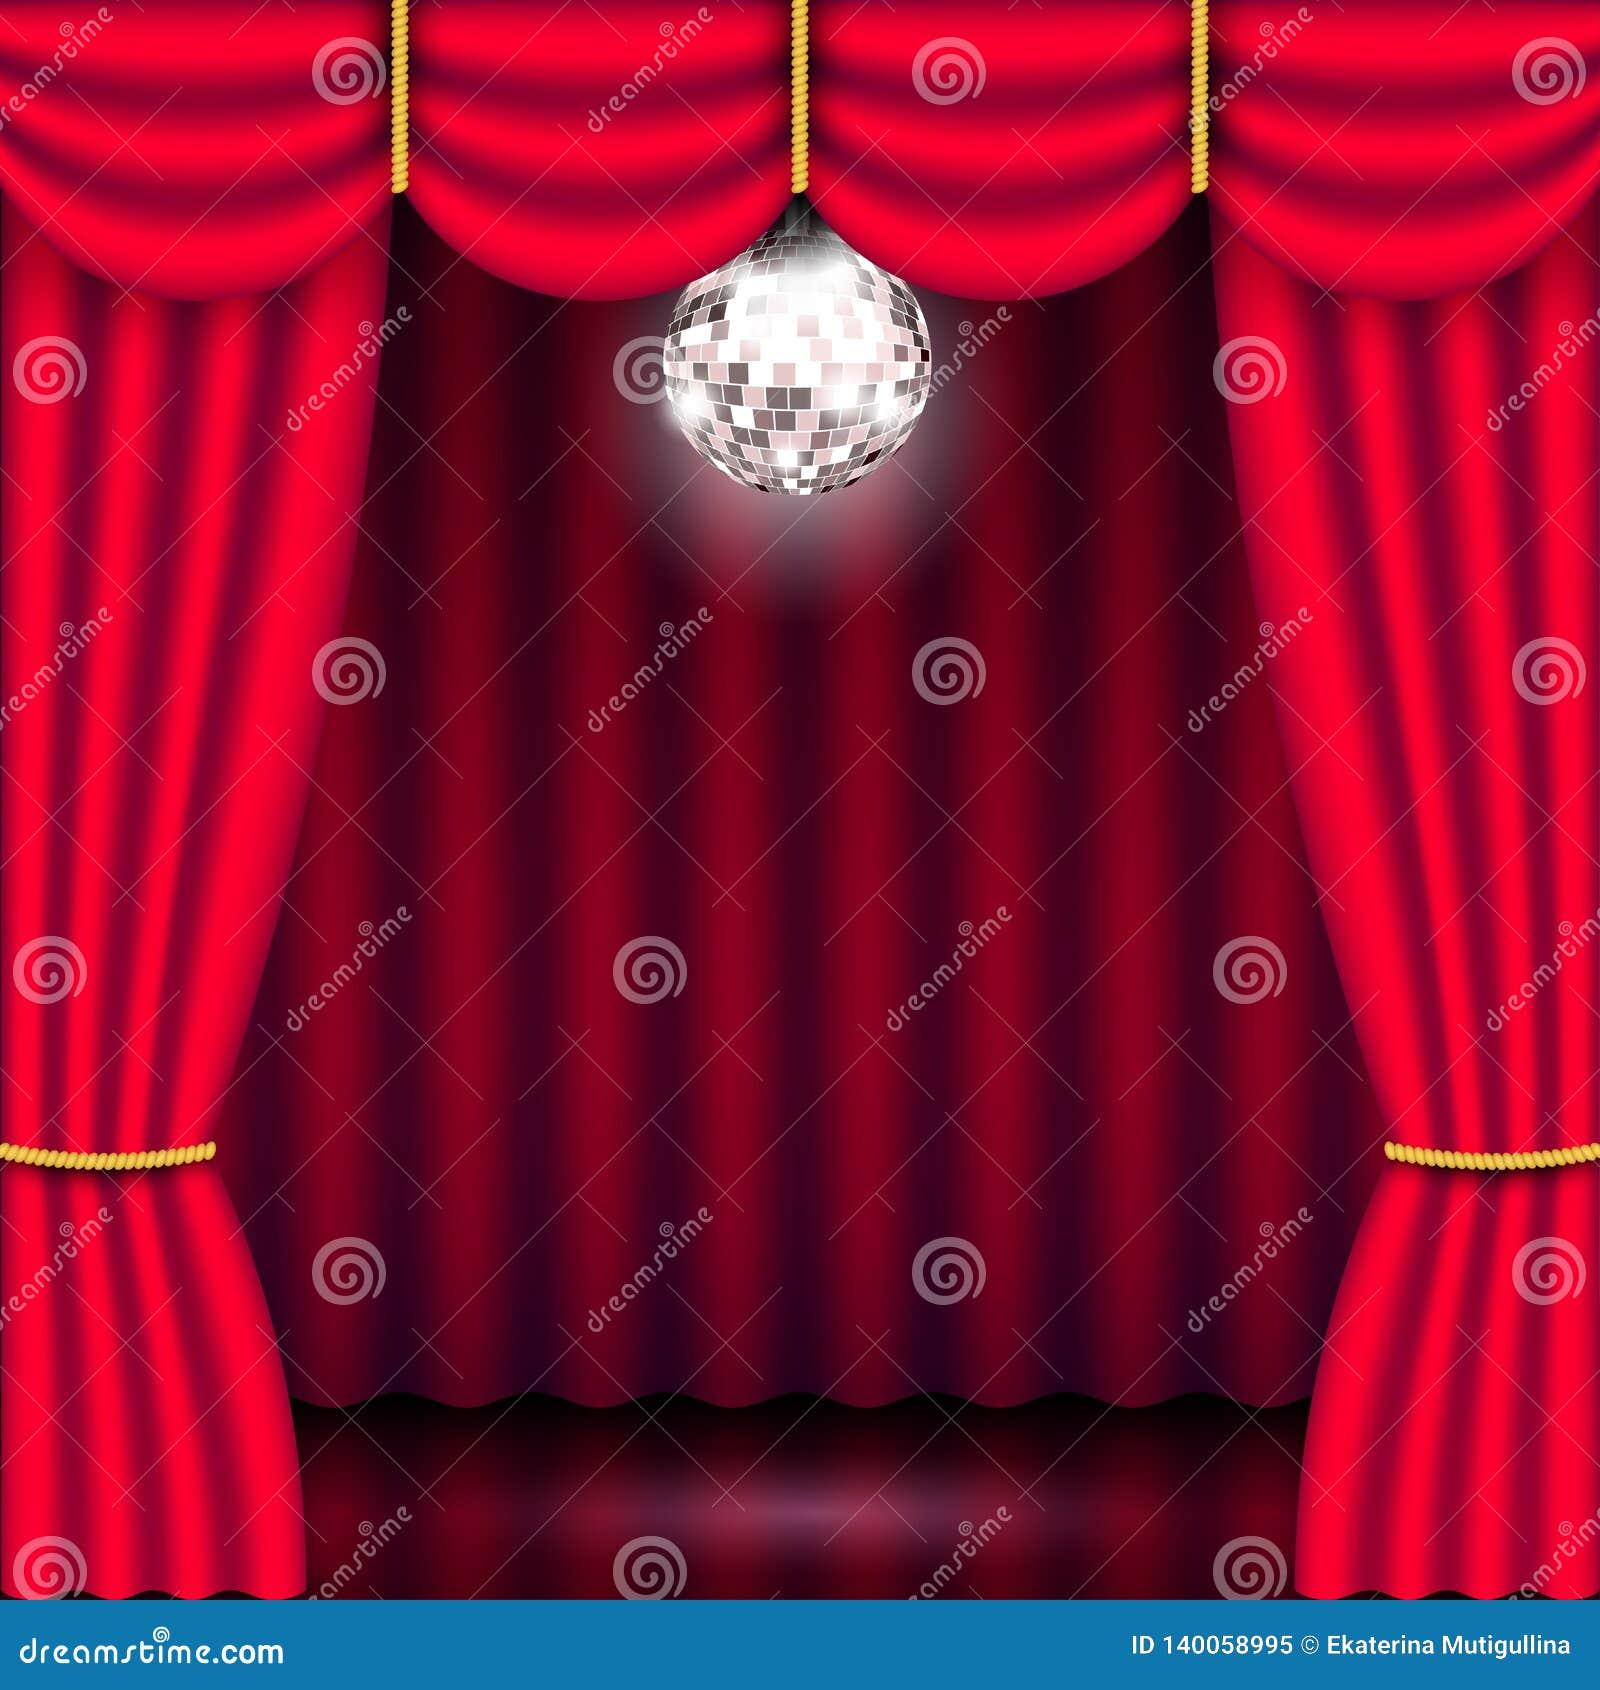 Этап театра, красный занавес и шарик зеркала